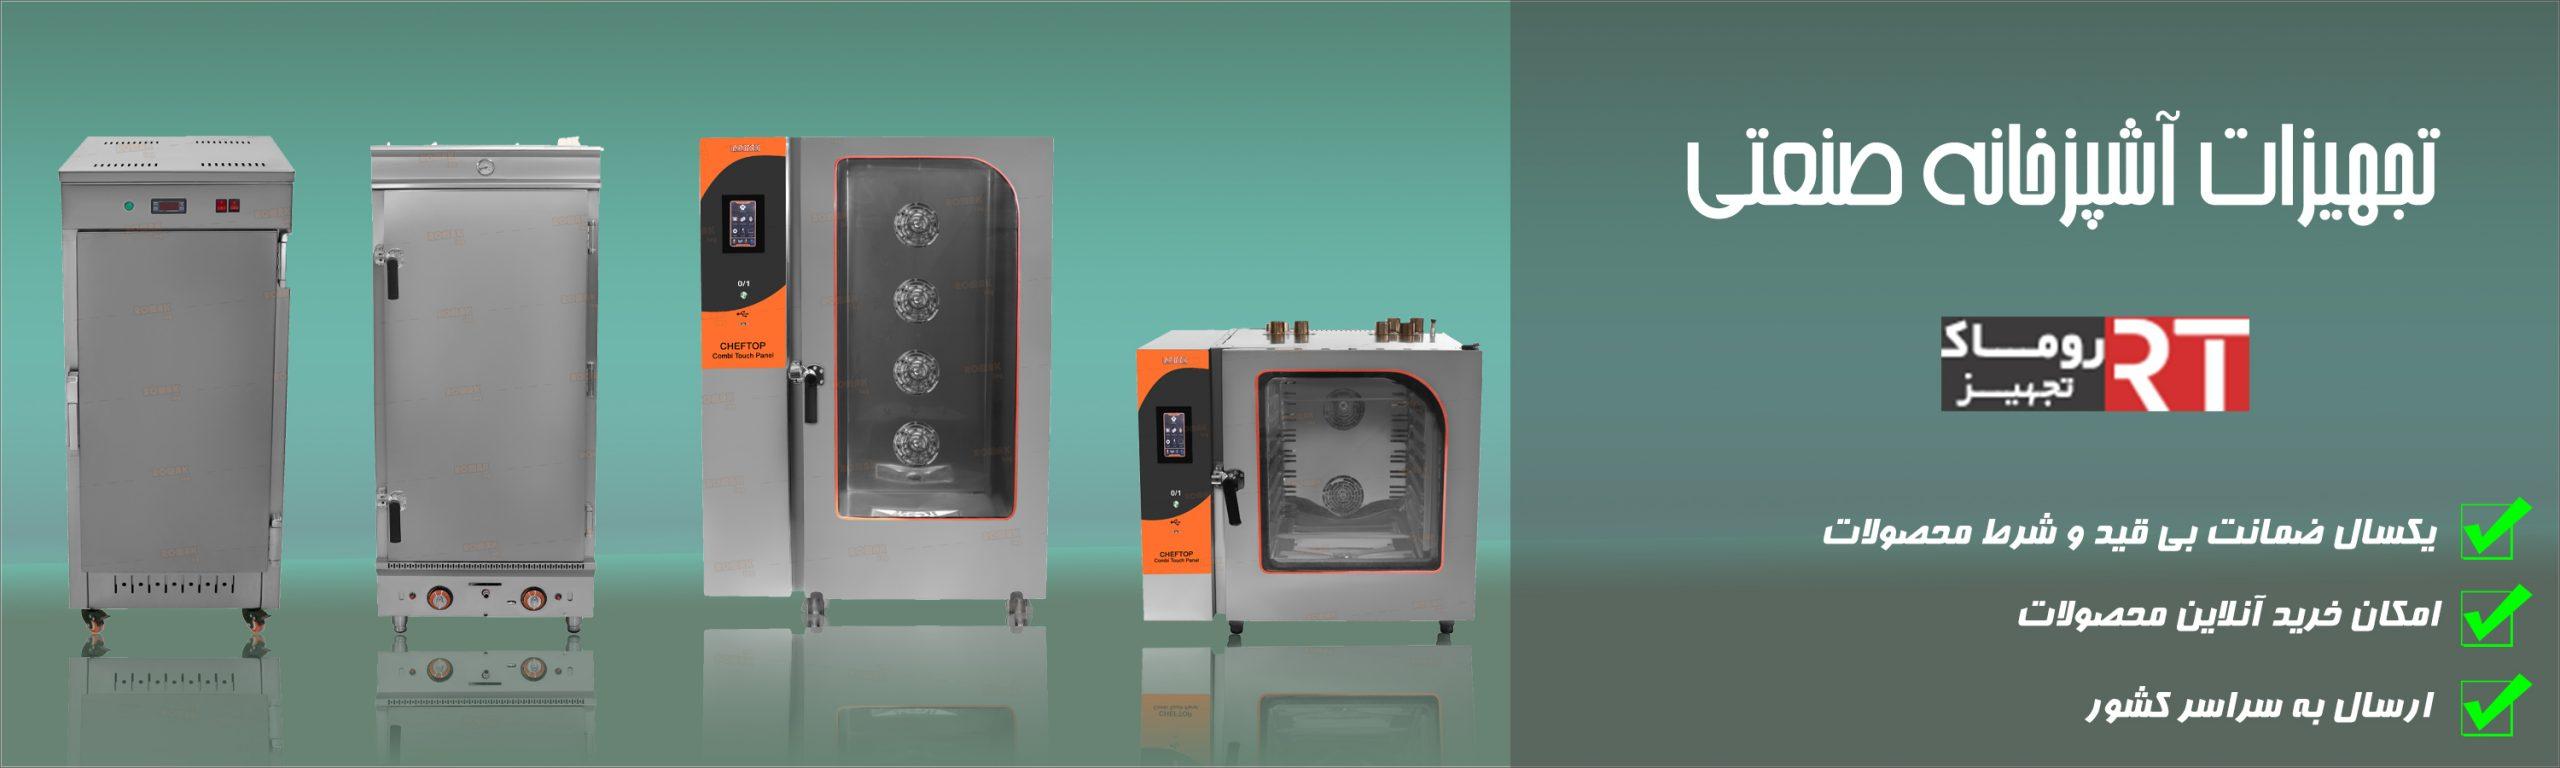 تجهیزات آشپزخانه صنعتی روماکینگ